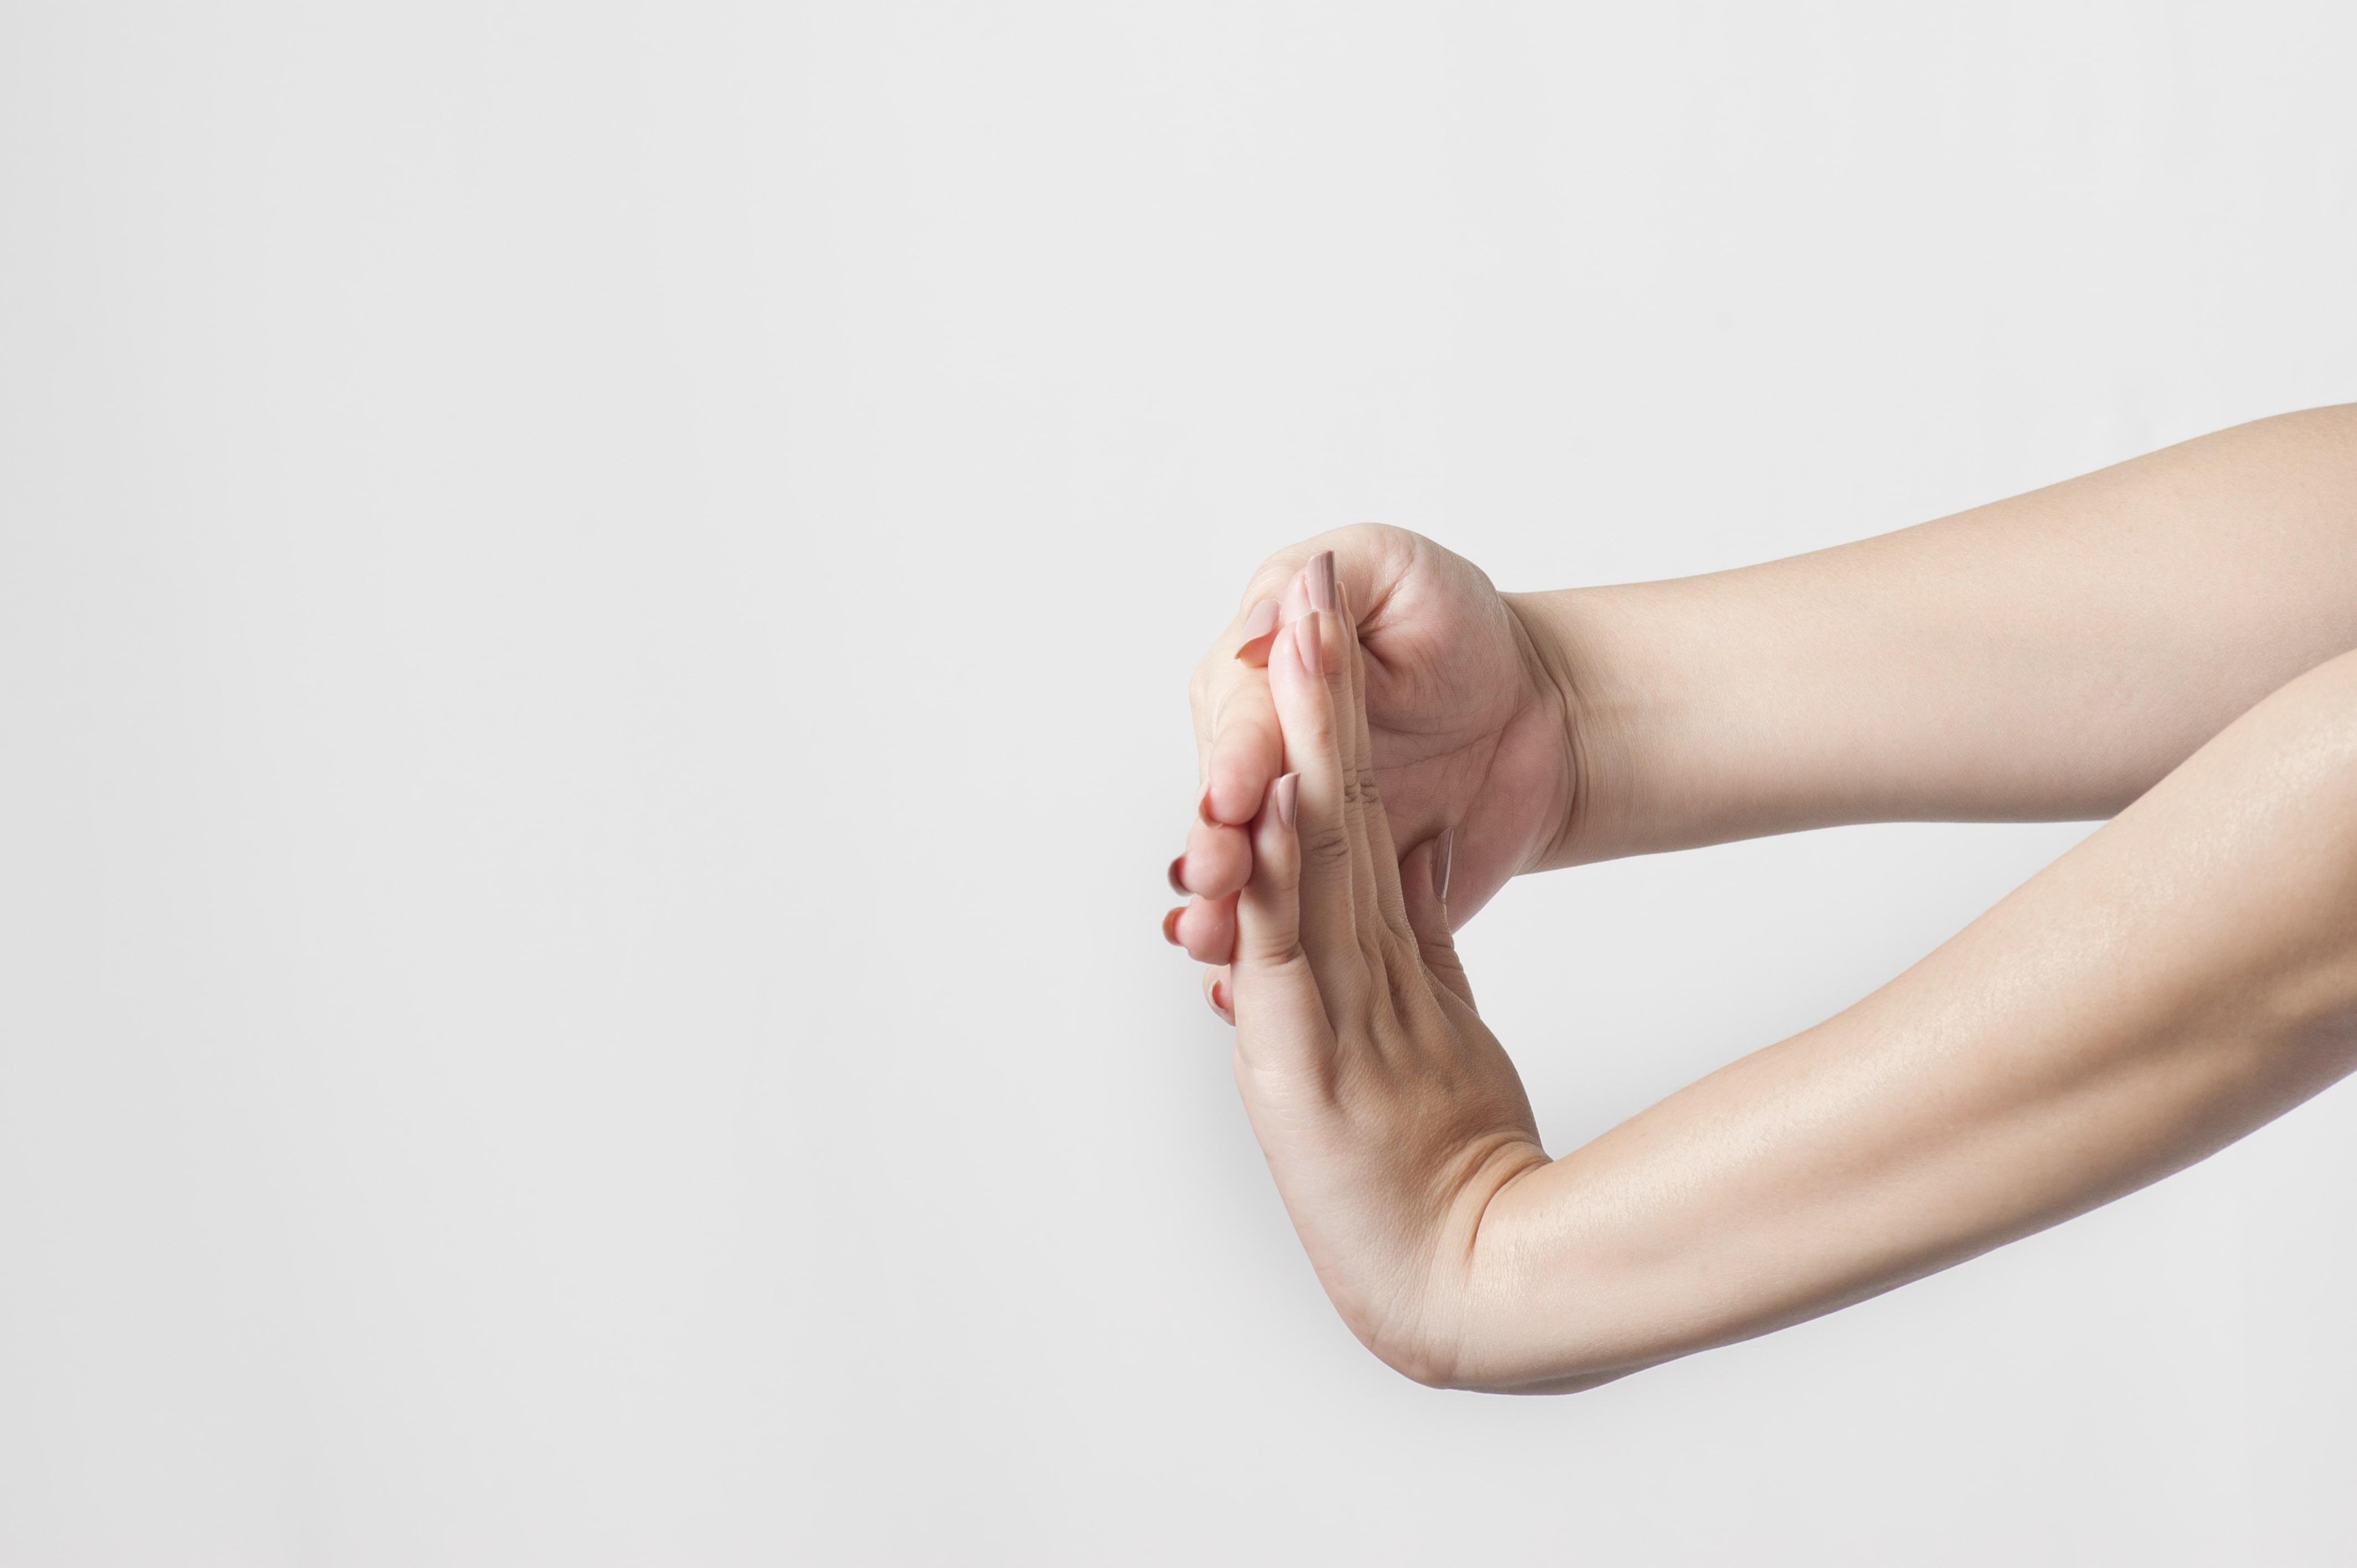 alongamento mãos punhos